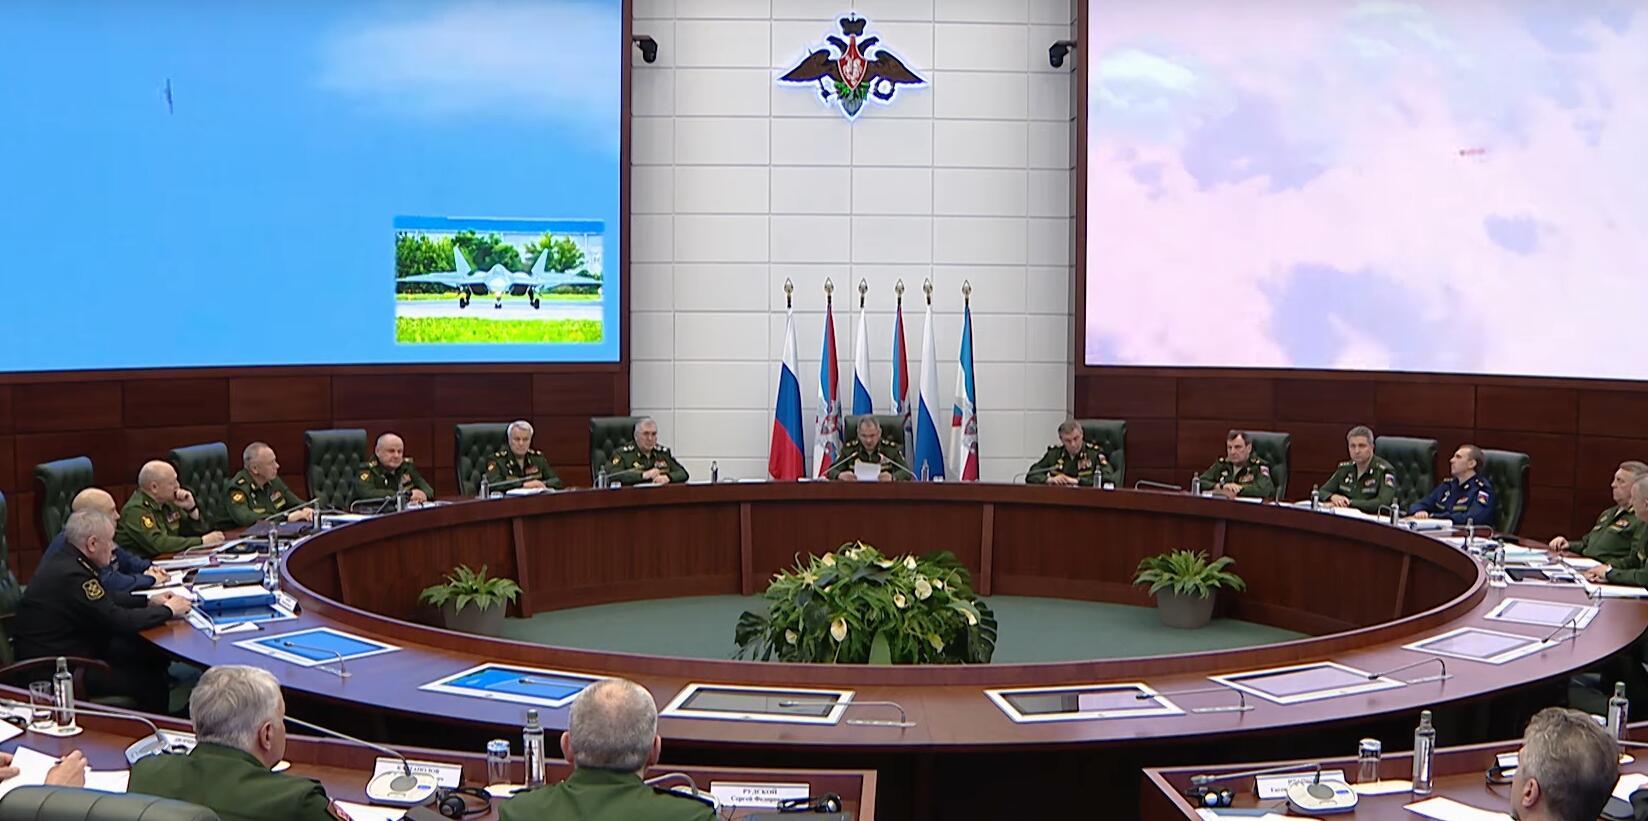 俄罗斯首次展示苏57发射Kh59mk2隐身巡航导弹画面